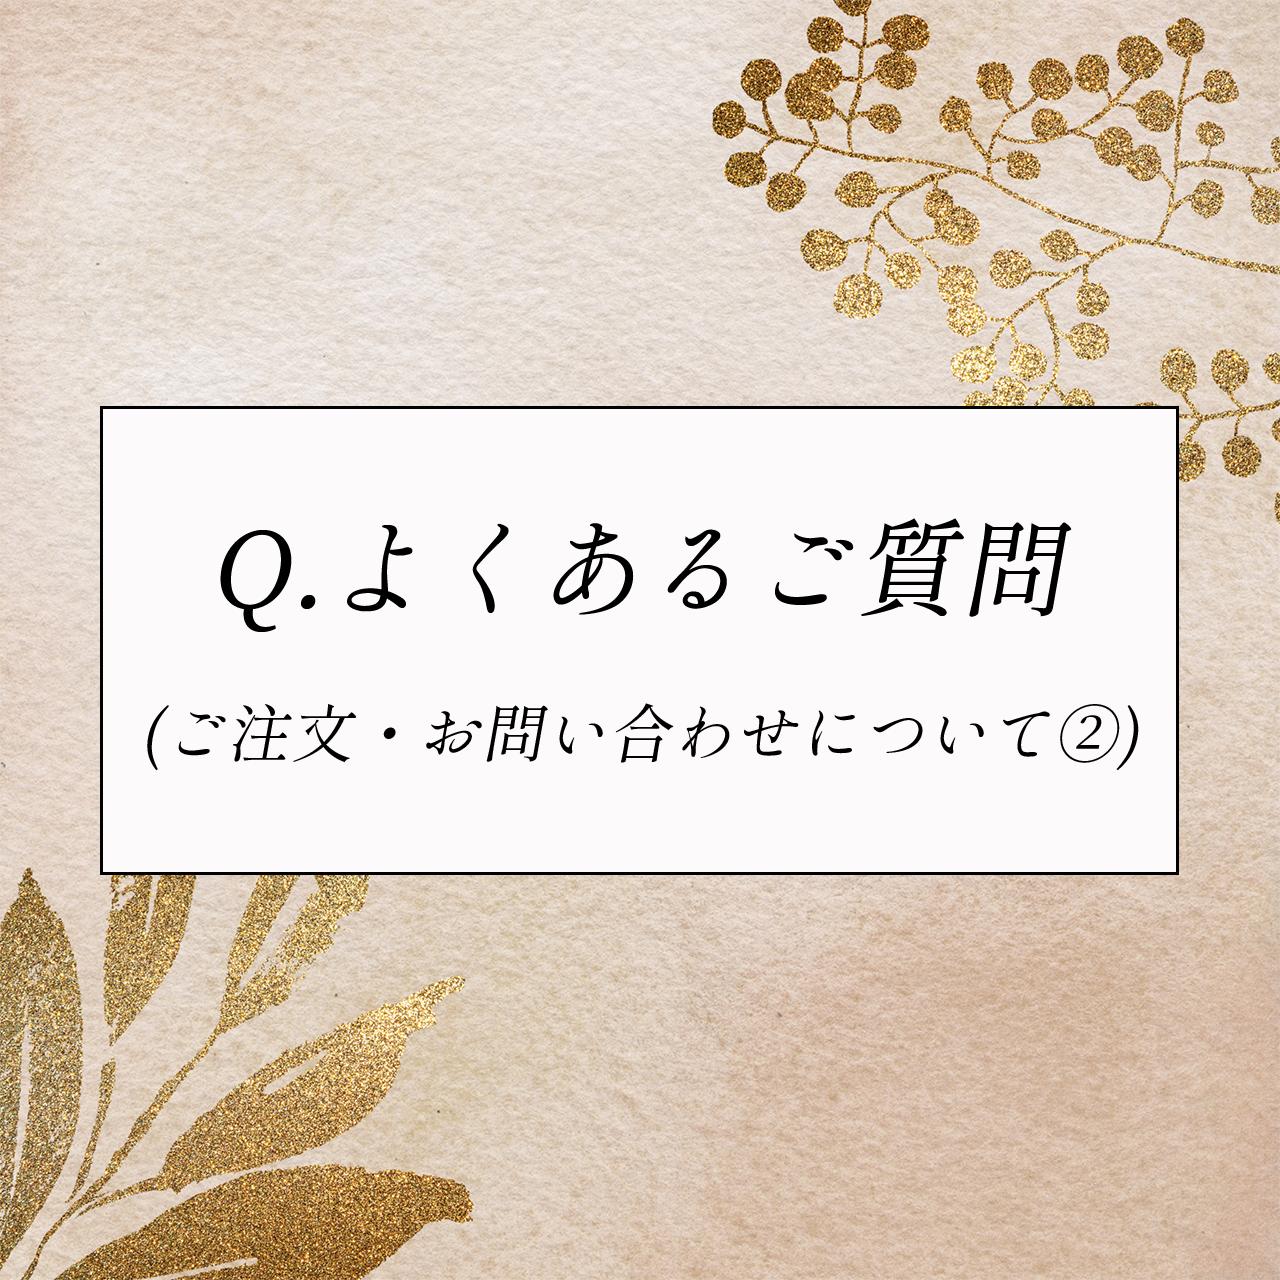 Q.よくあるご質問(ご注文・お問い合わせについて②)